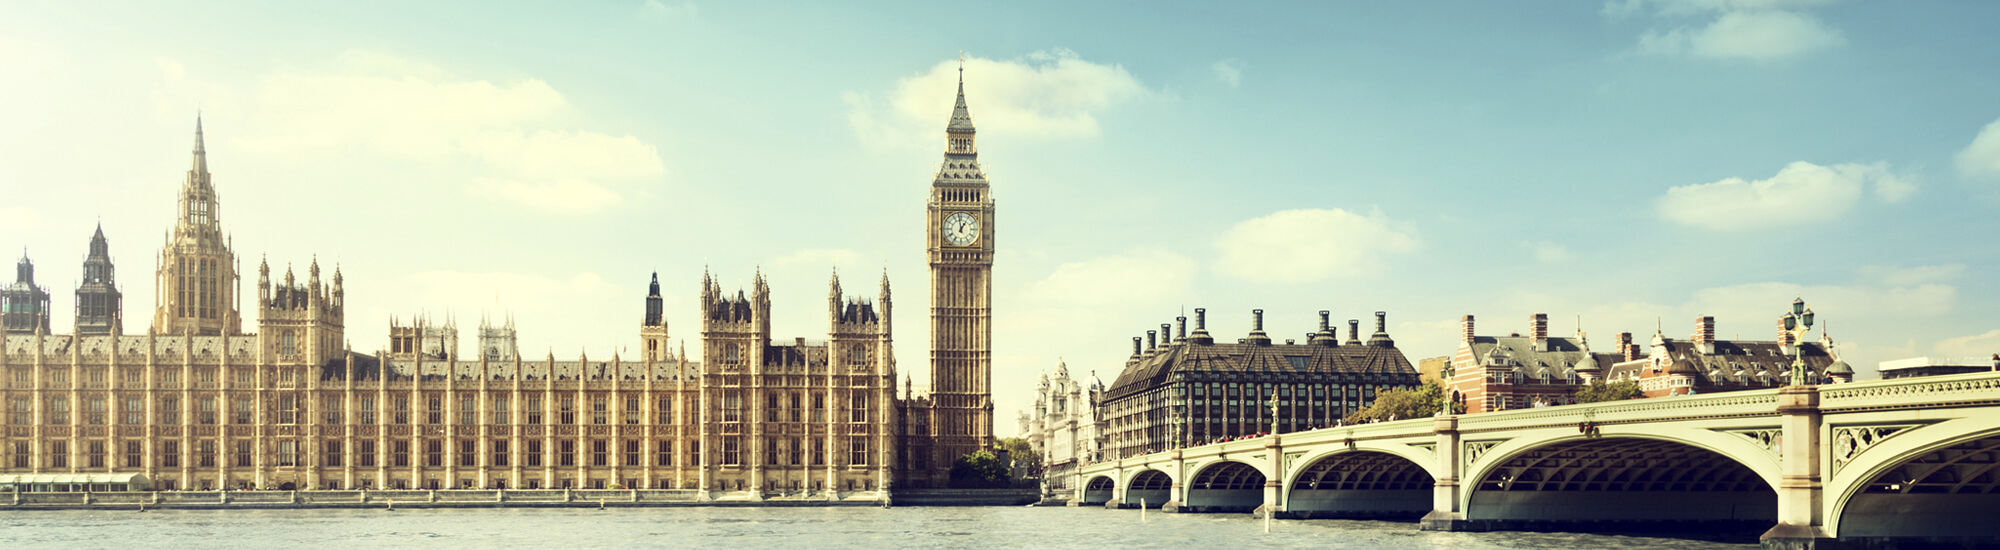 London Luxury Tour